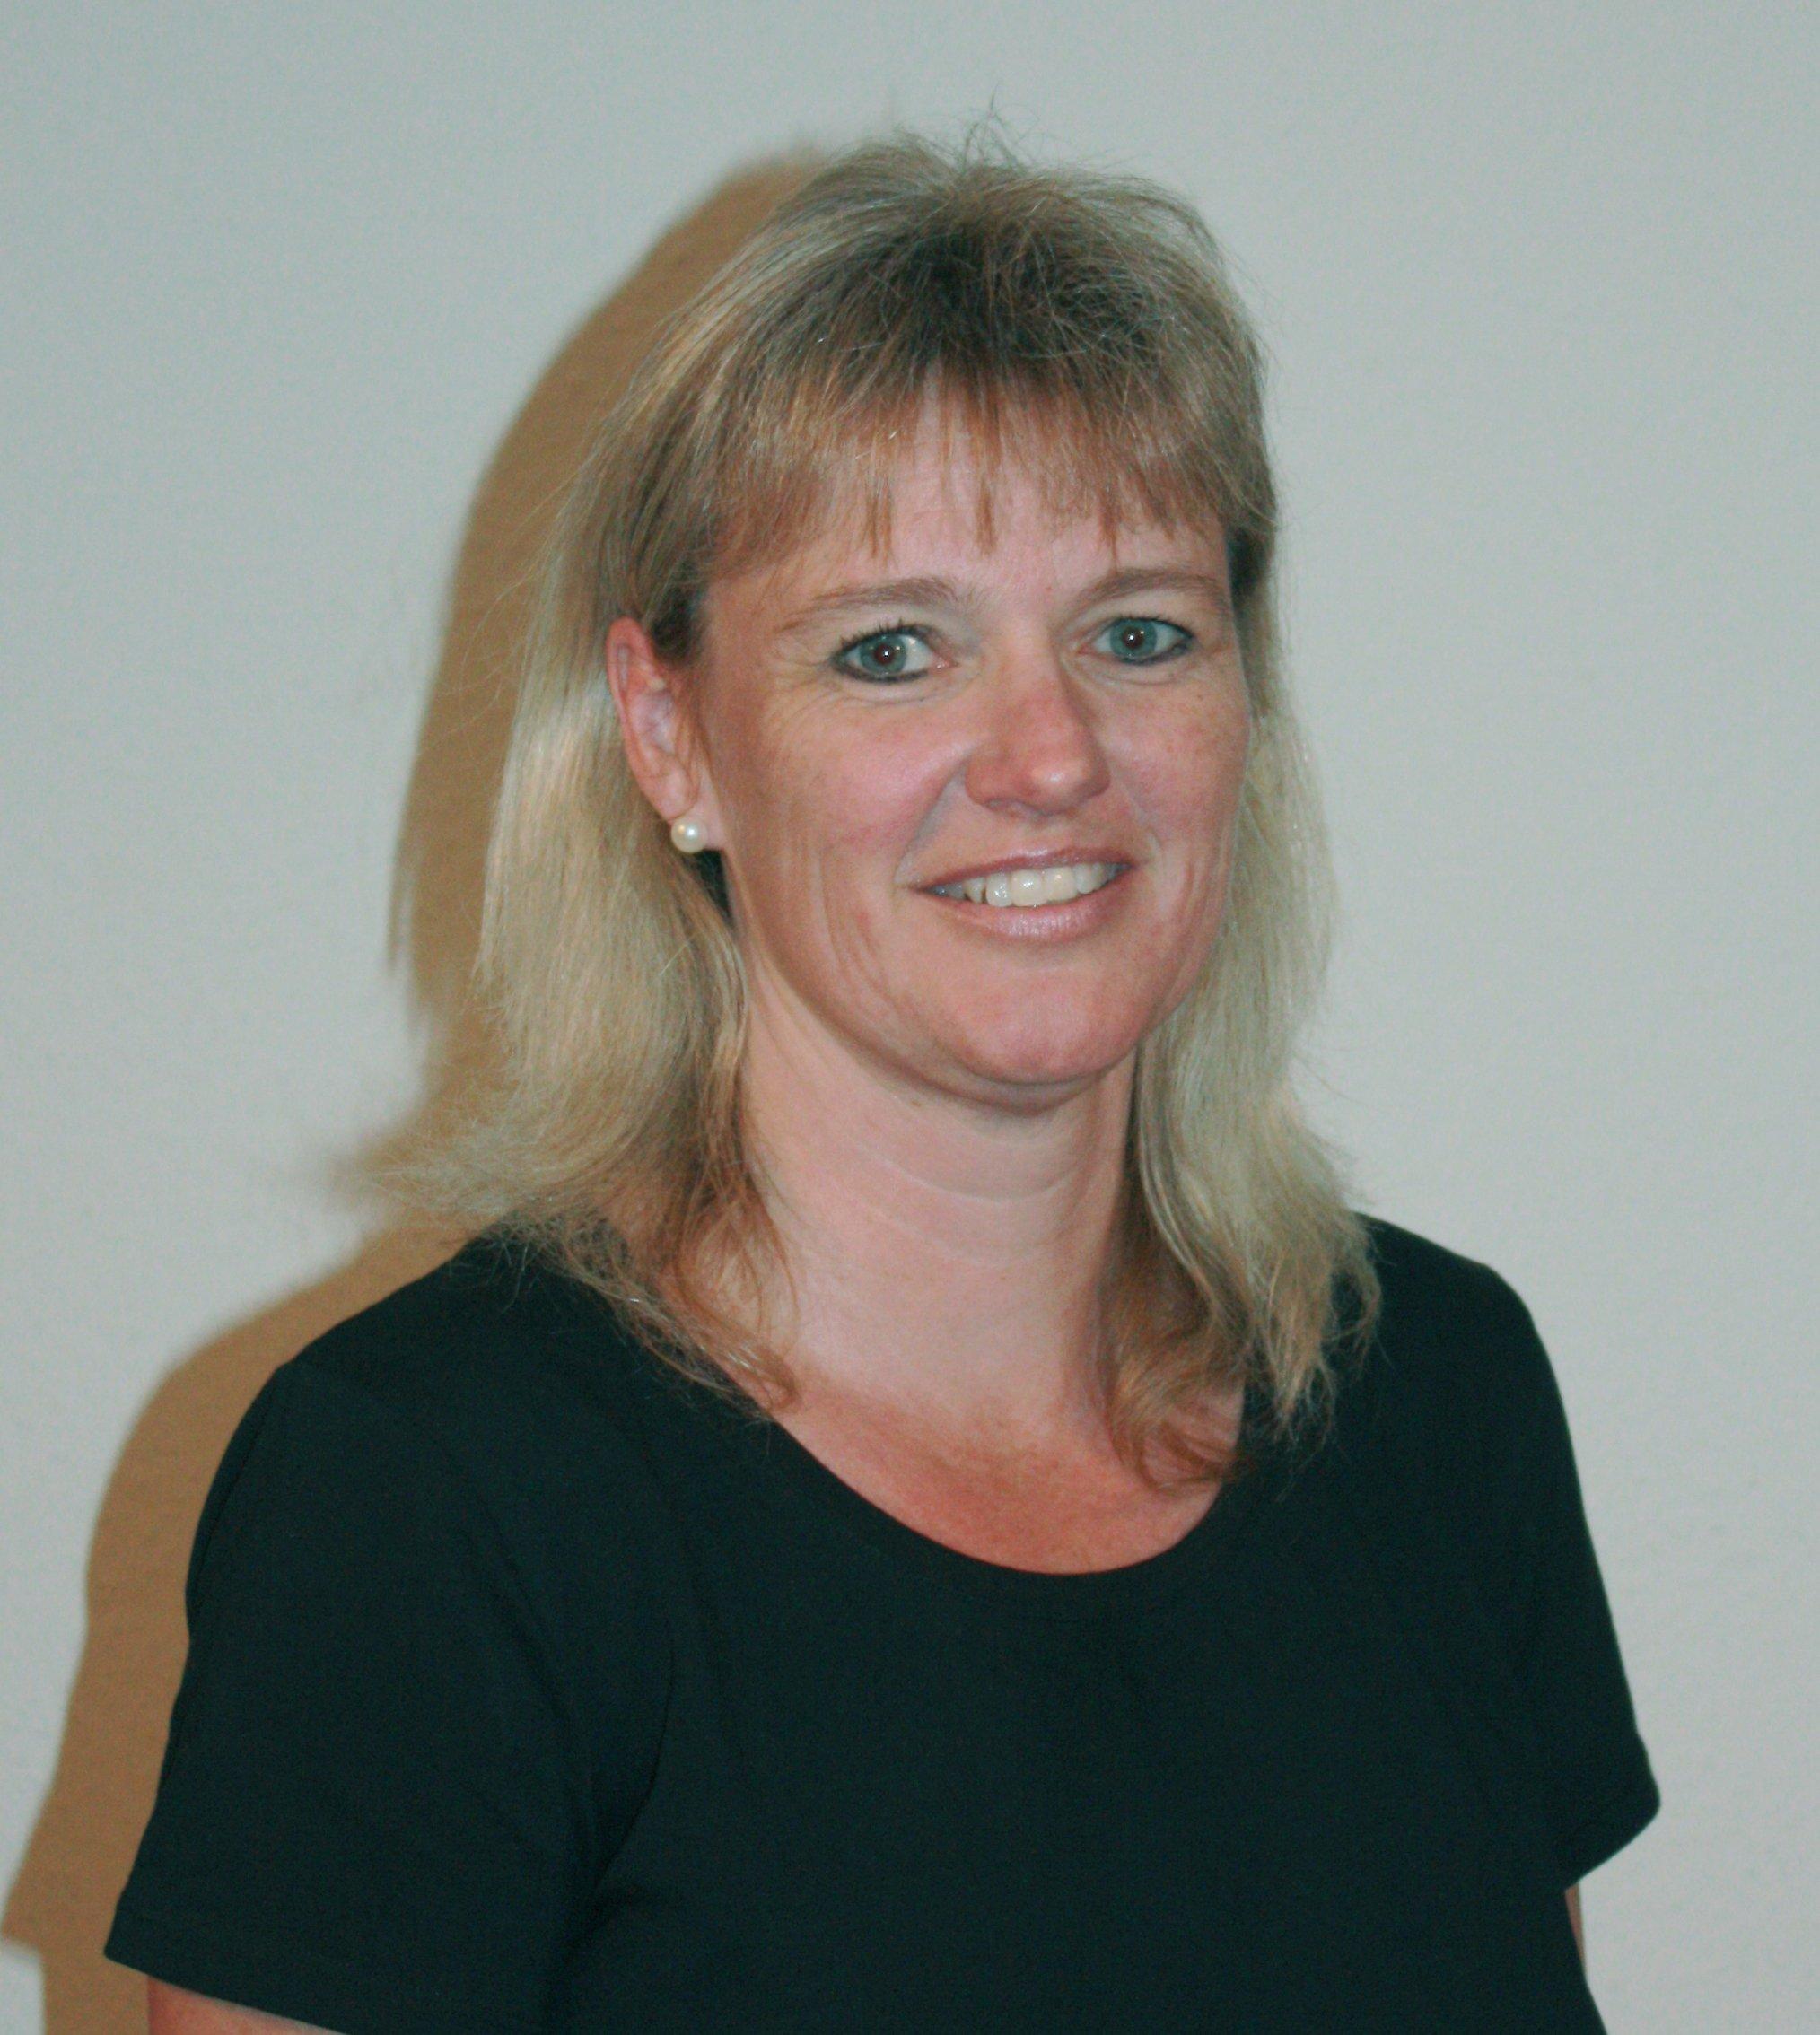 Claudia Mehr